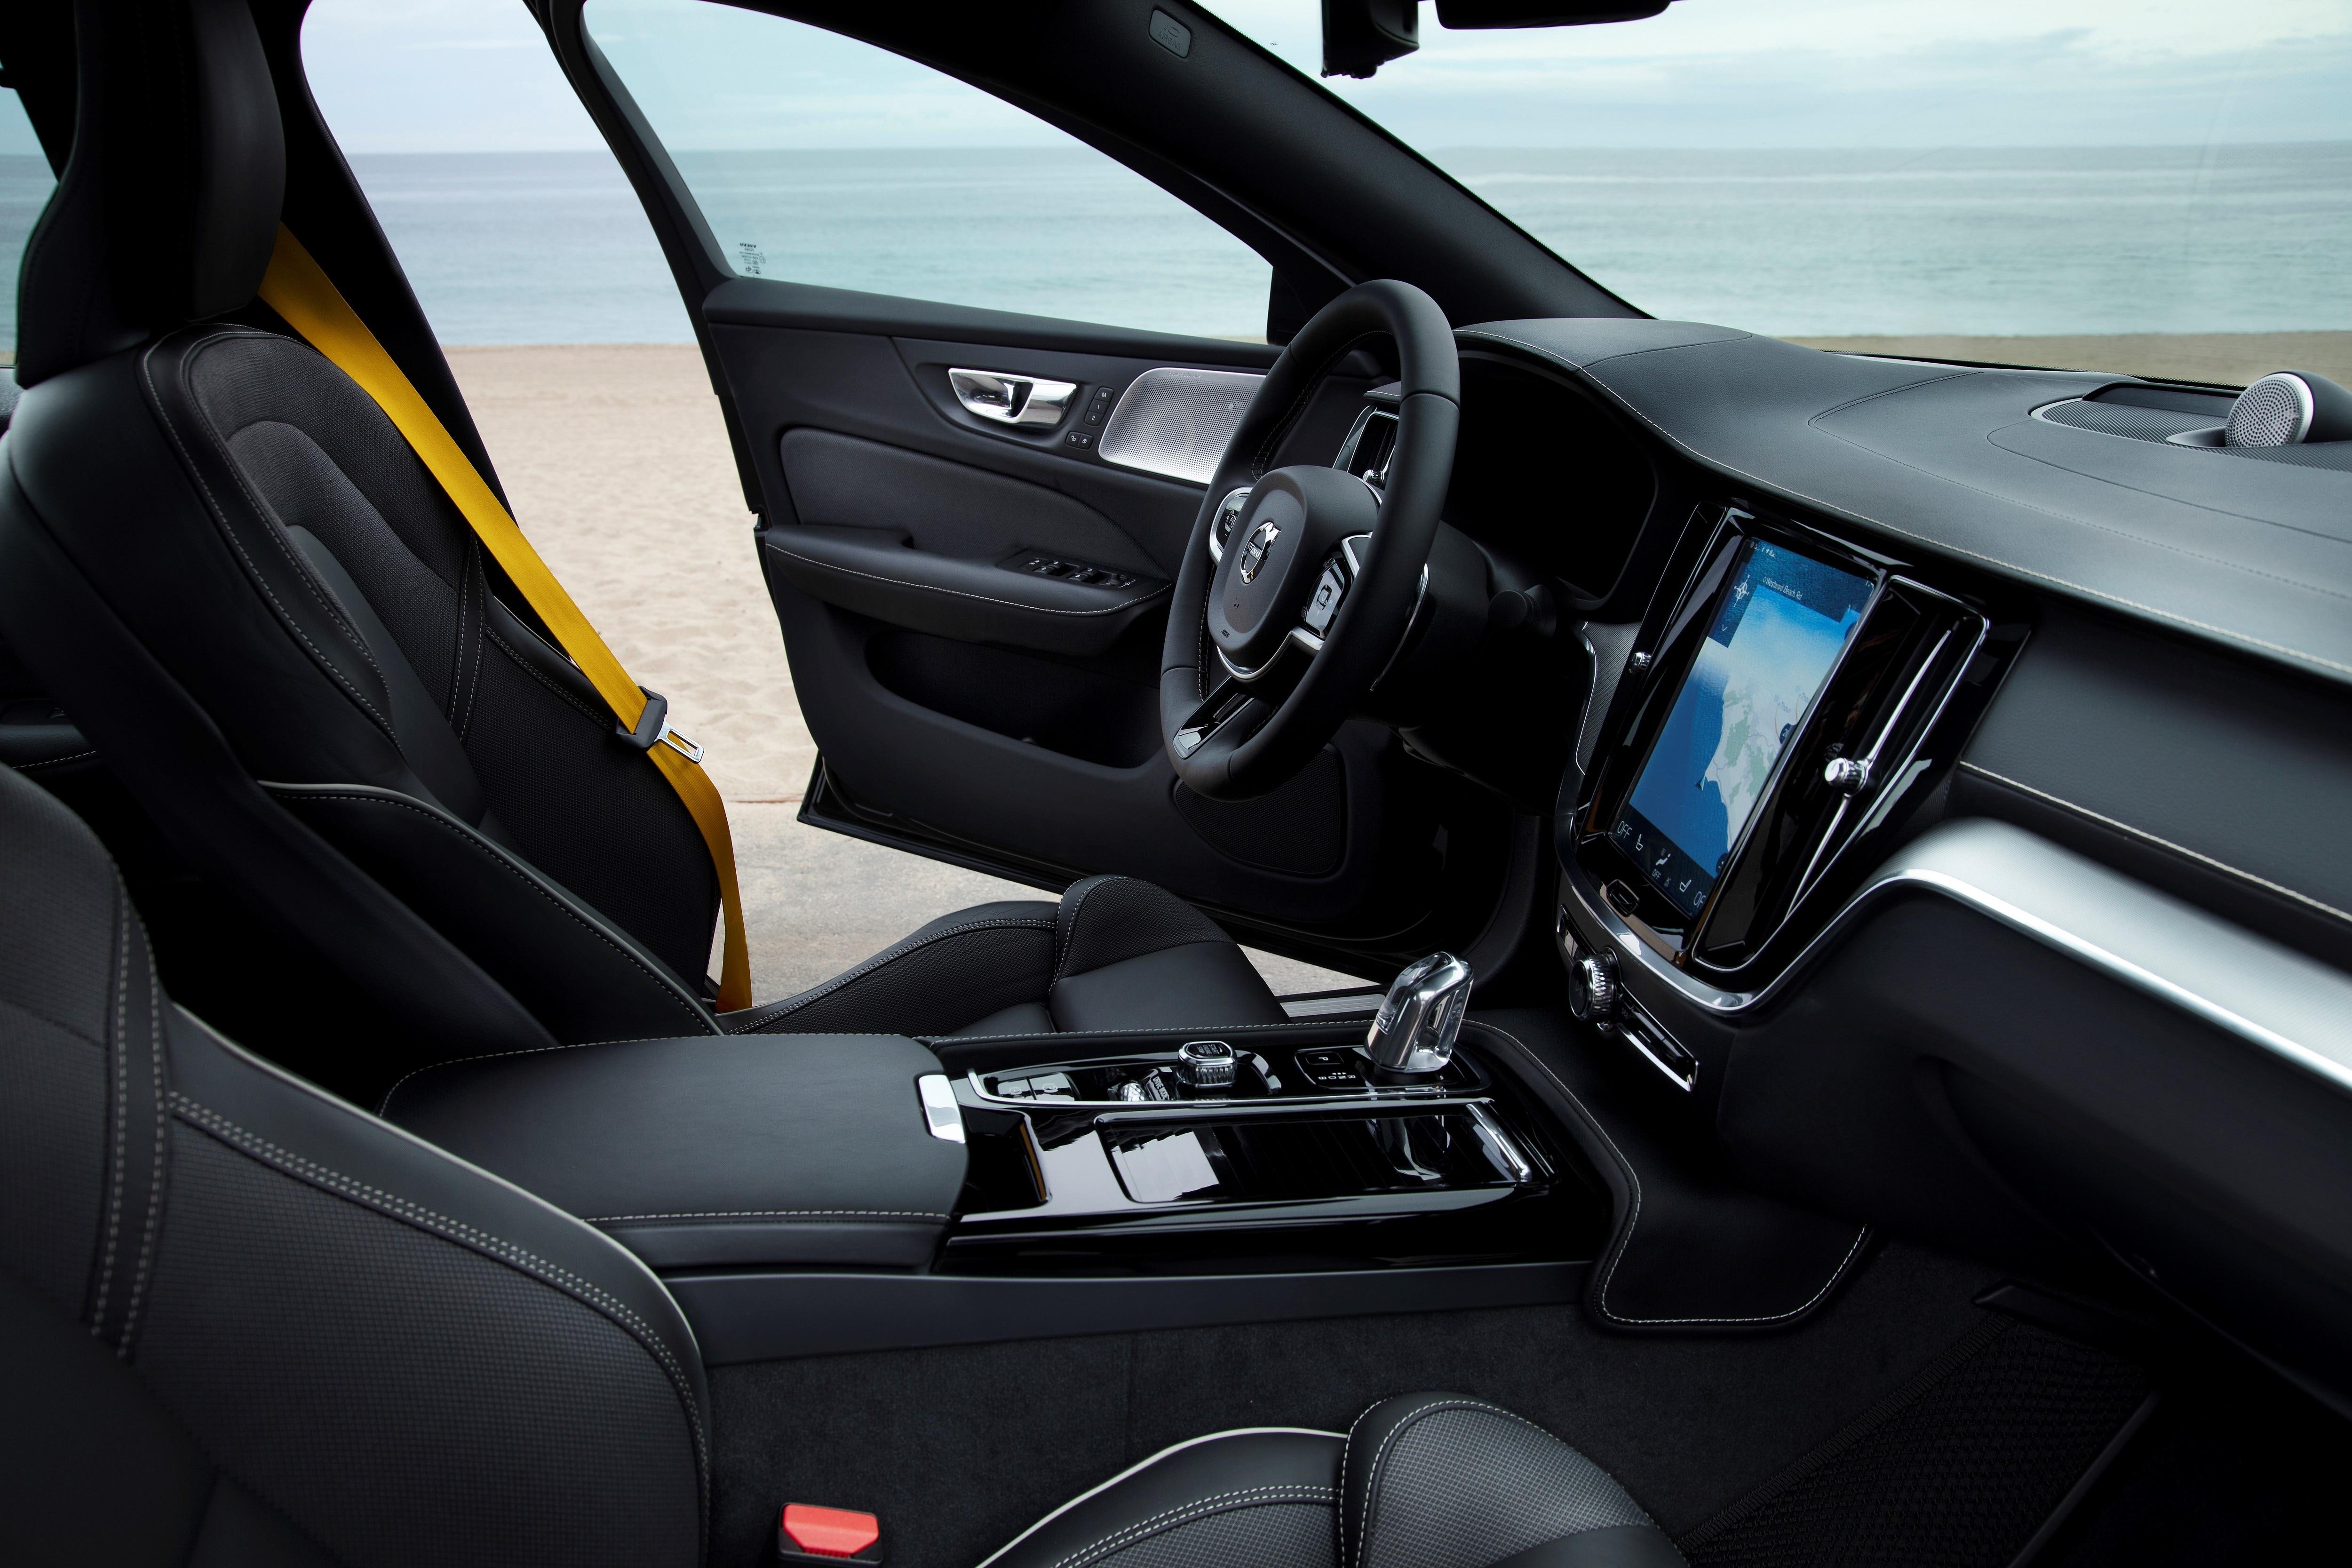 S60 T8 Hybrid agrega tudo que um sedan premium precisa para encarar os rivais alemães, e com eficiência acima de um veículo 1.0